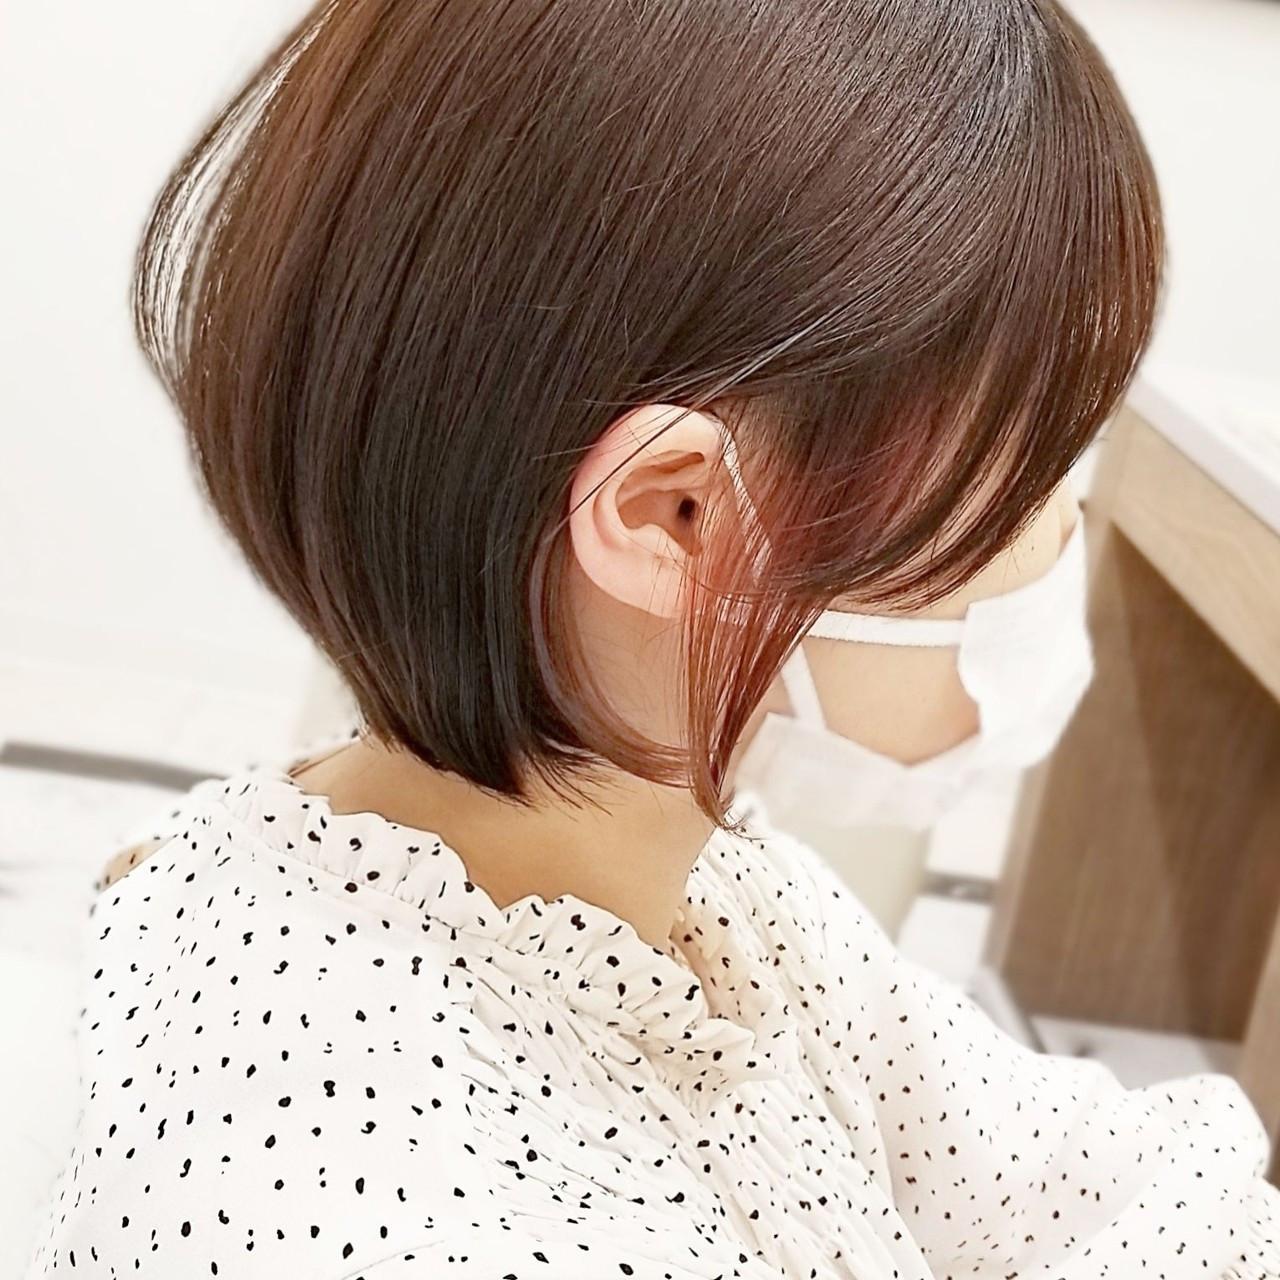 ショート フェミニン インナーピンク ショートヘア ヘアスタイルや髪型の写真・画像